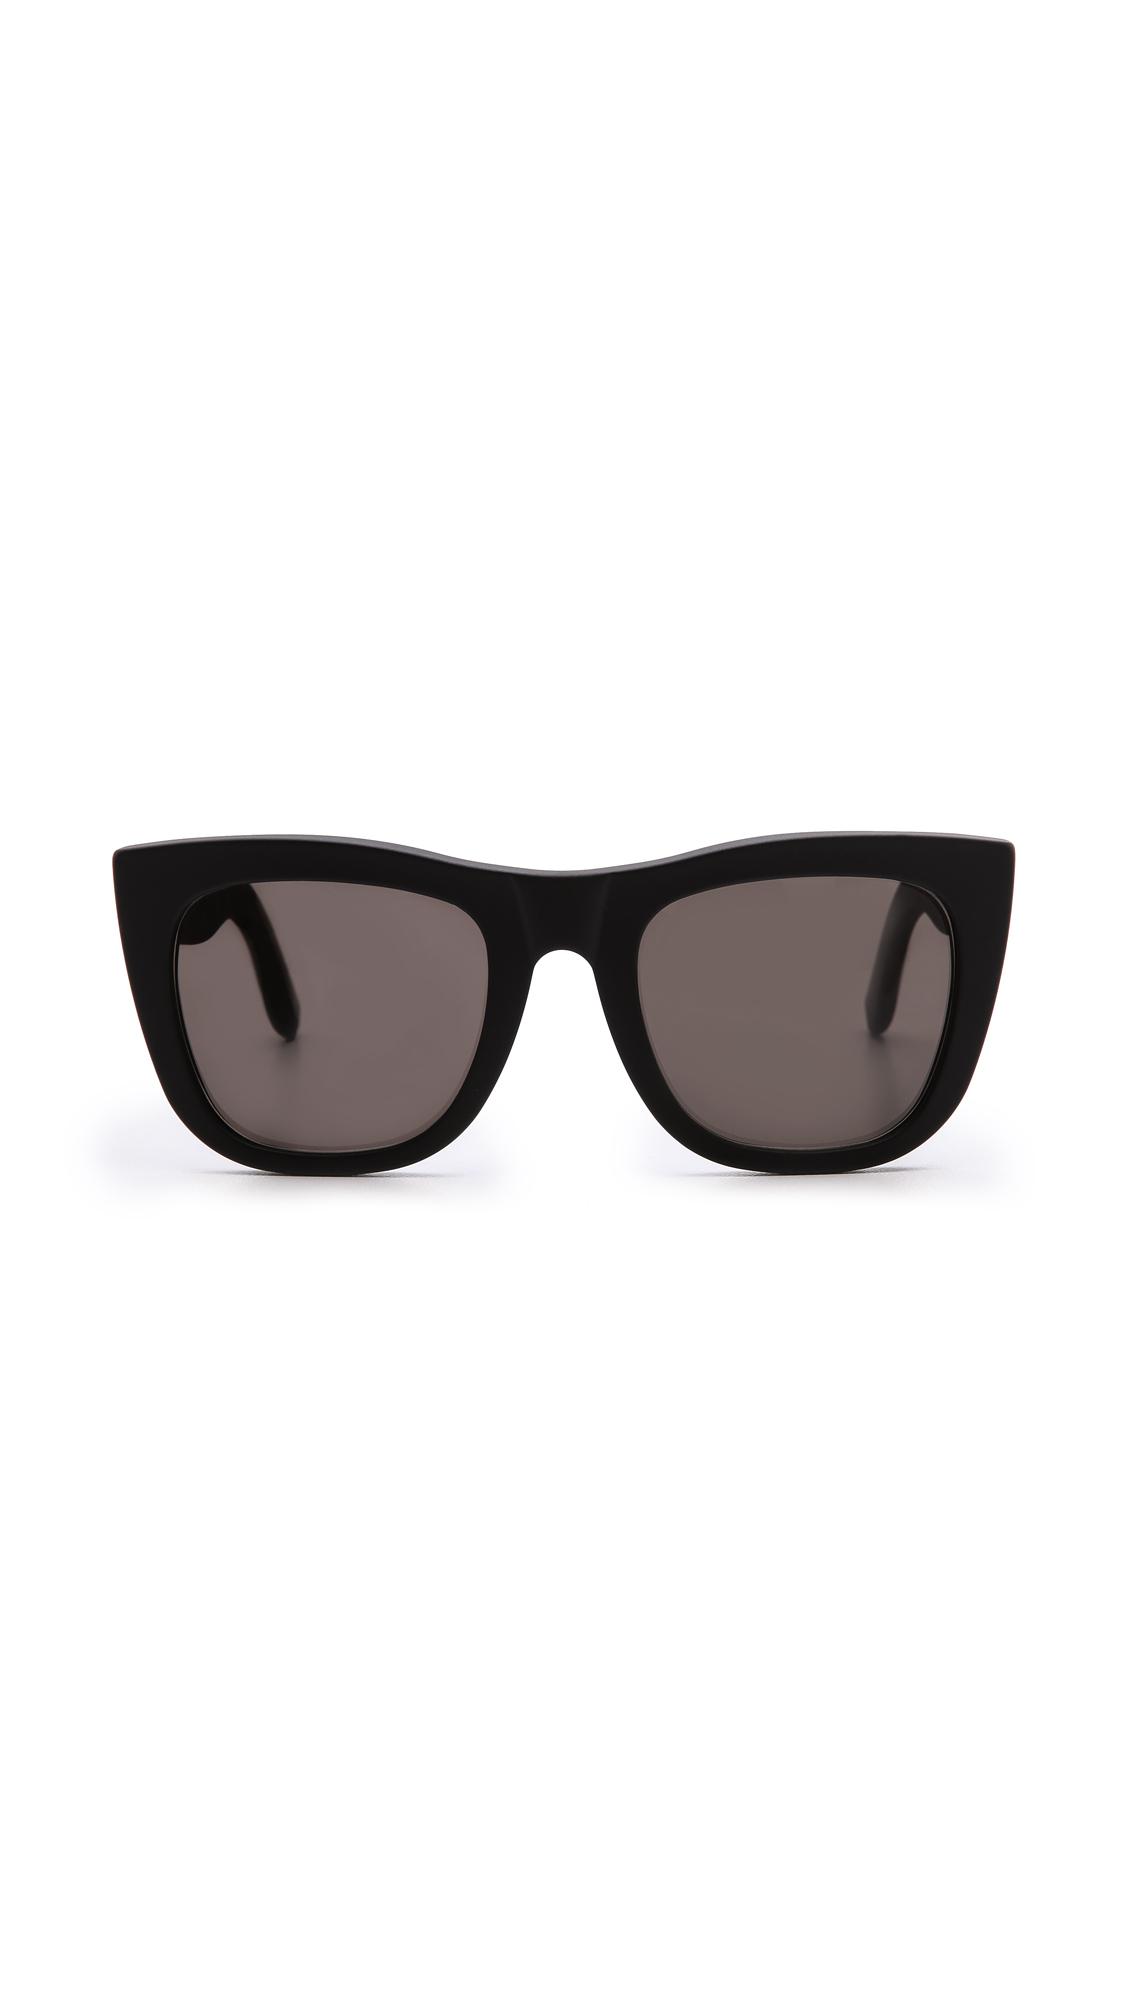 Super Sunglasses Gals Sunglasses | SHOPBOP